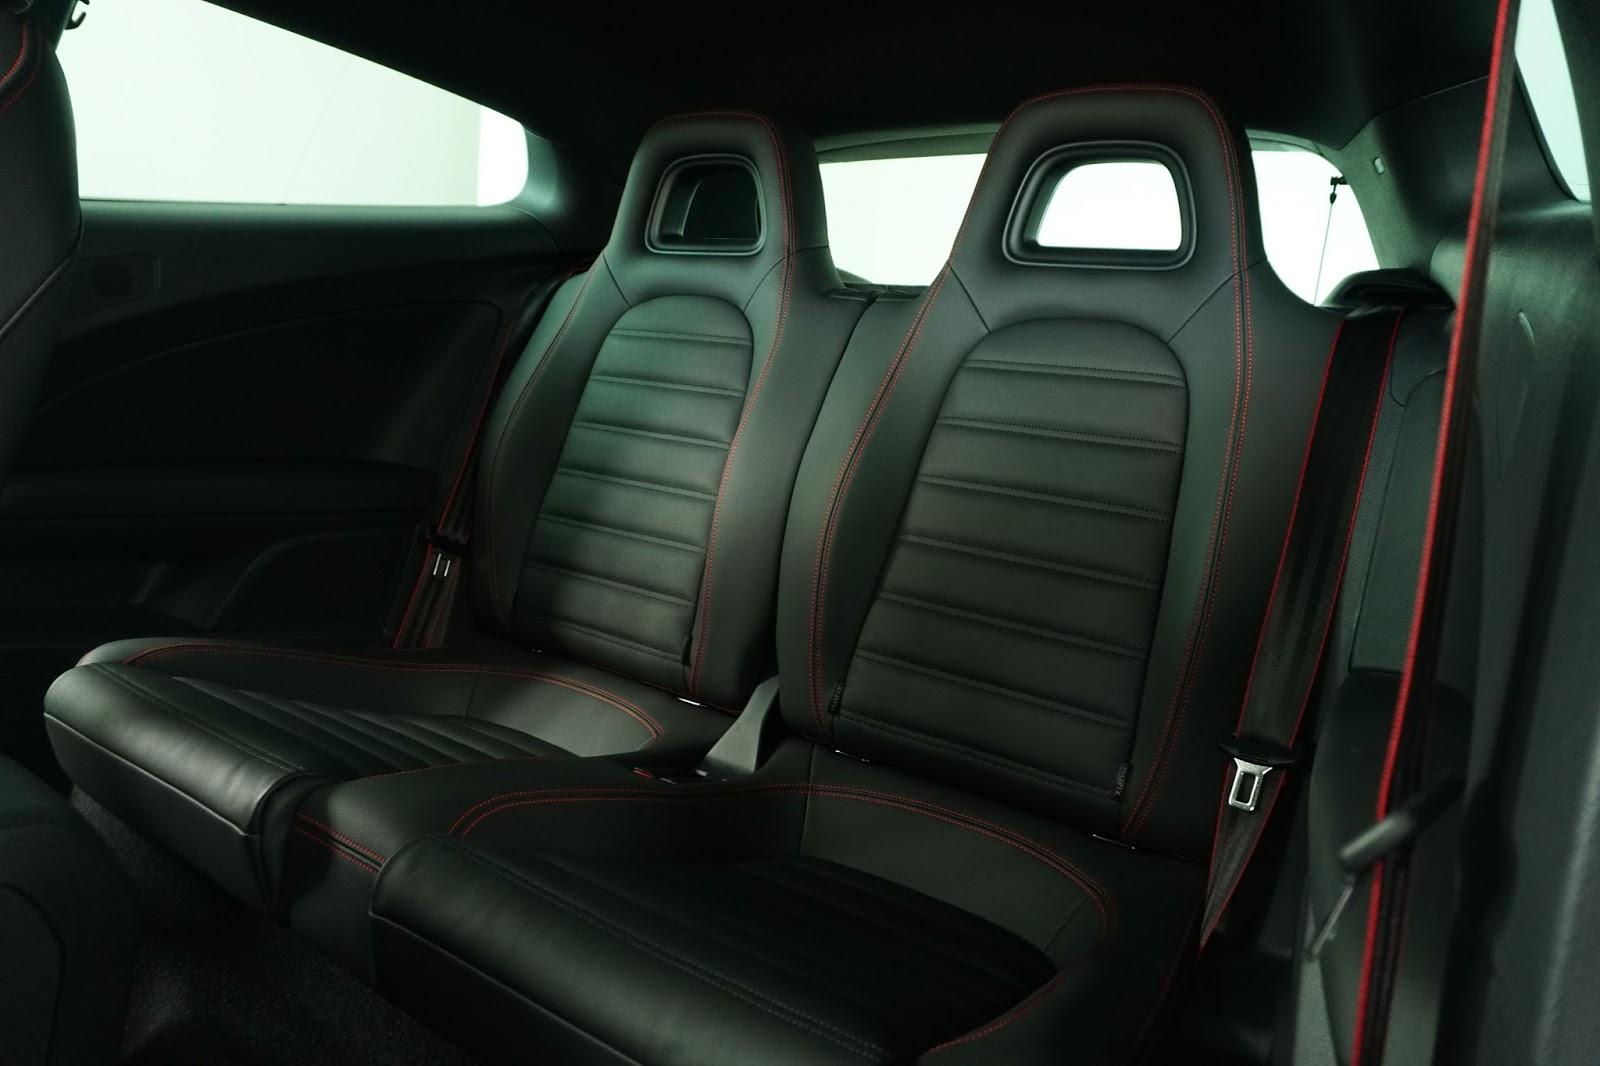 Hàng ghế hai trông bí ẩn, nhưng cũng hầm hố, cá tính không kém